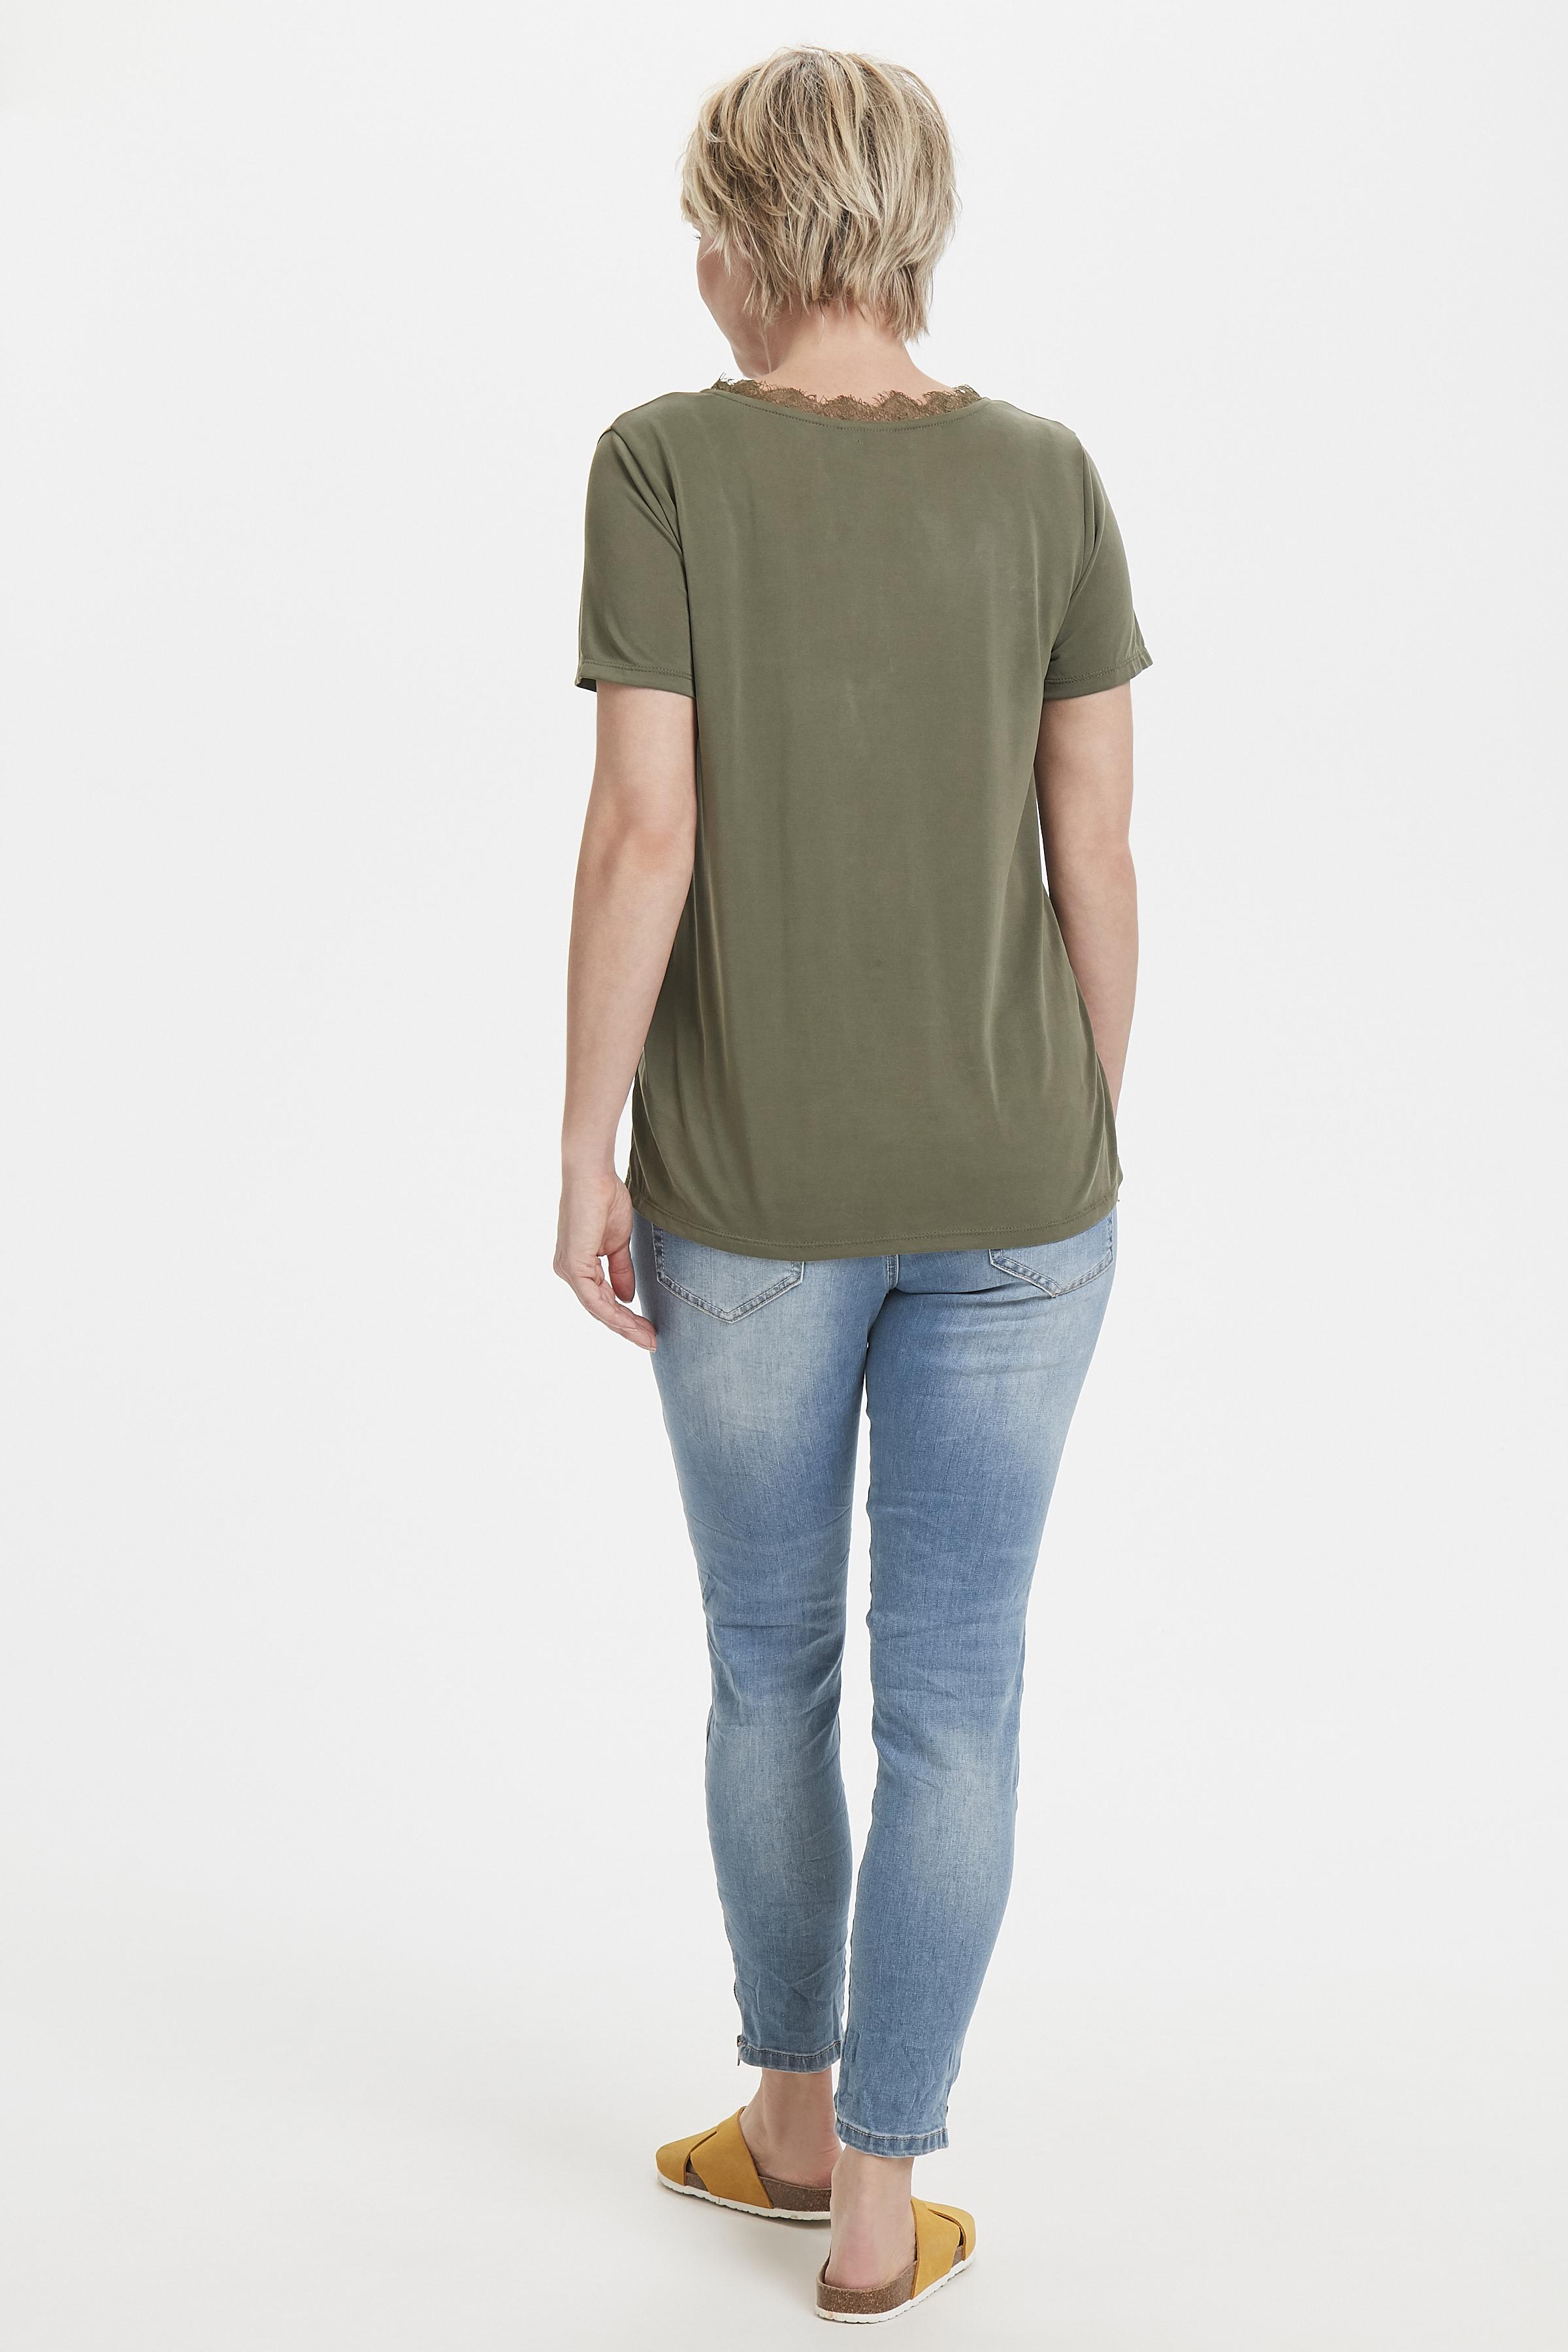 Olivgrön Kortärmad blus  från Fransa – Köp Olivgrön Kortärmad blus  från stl. XS-XXL här